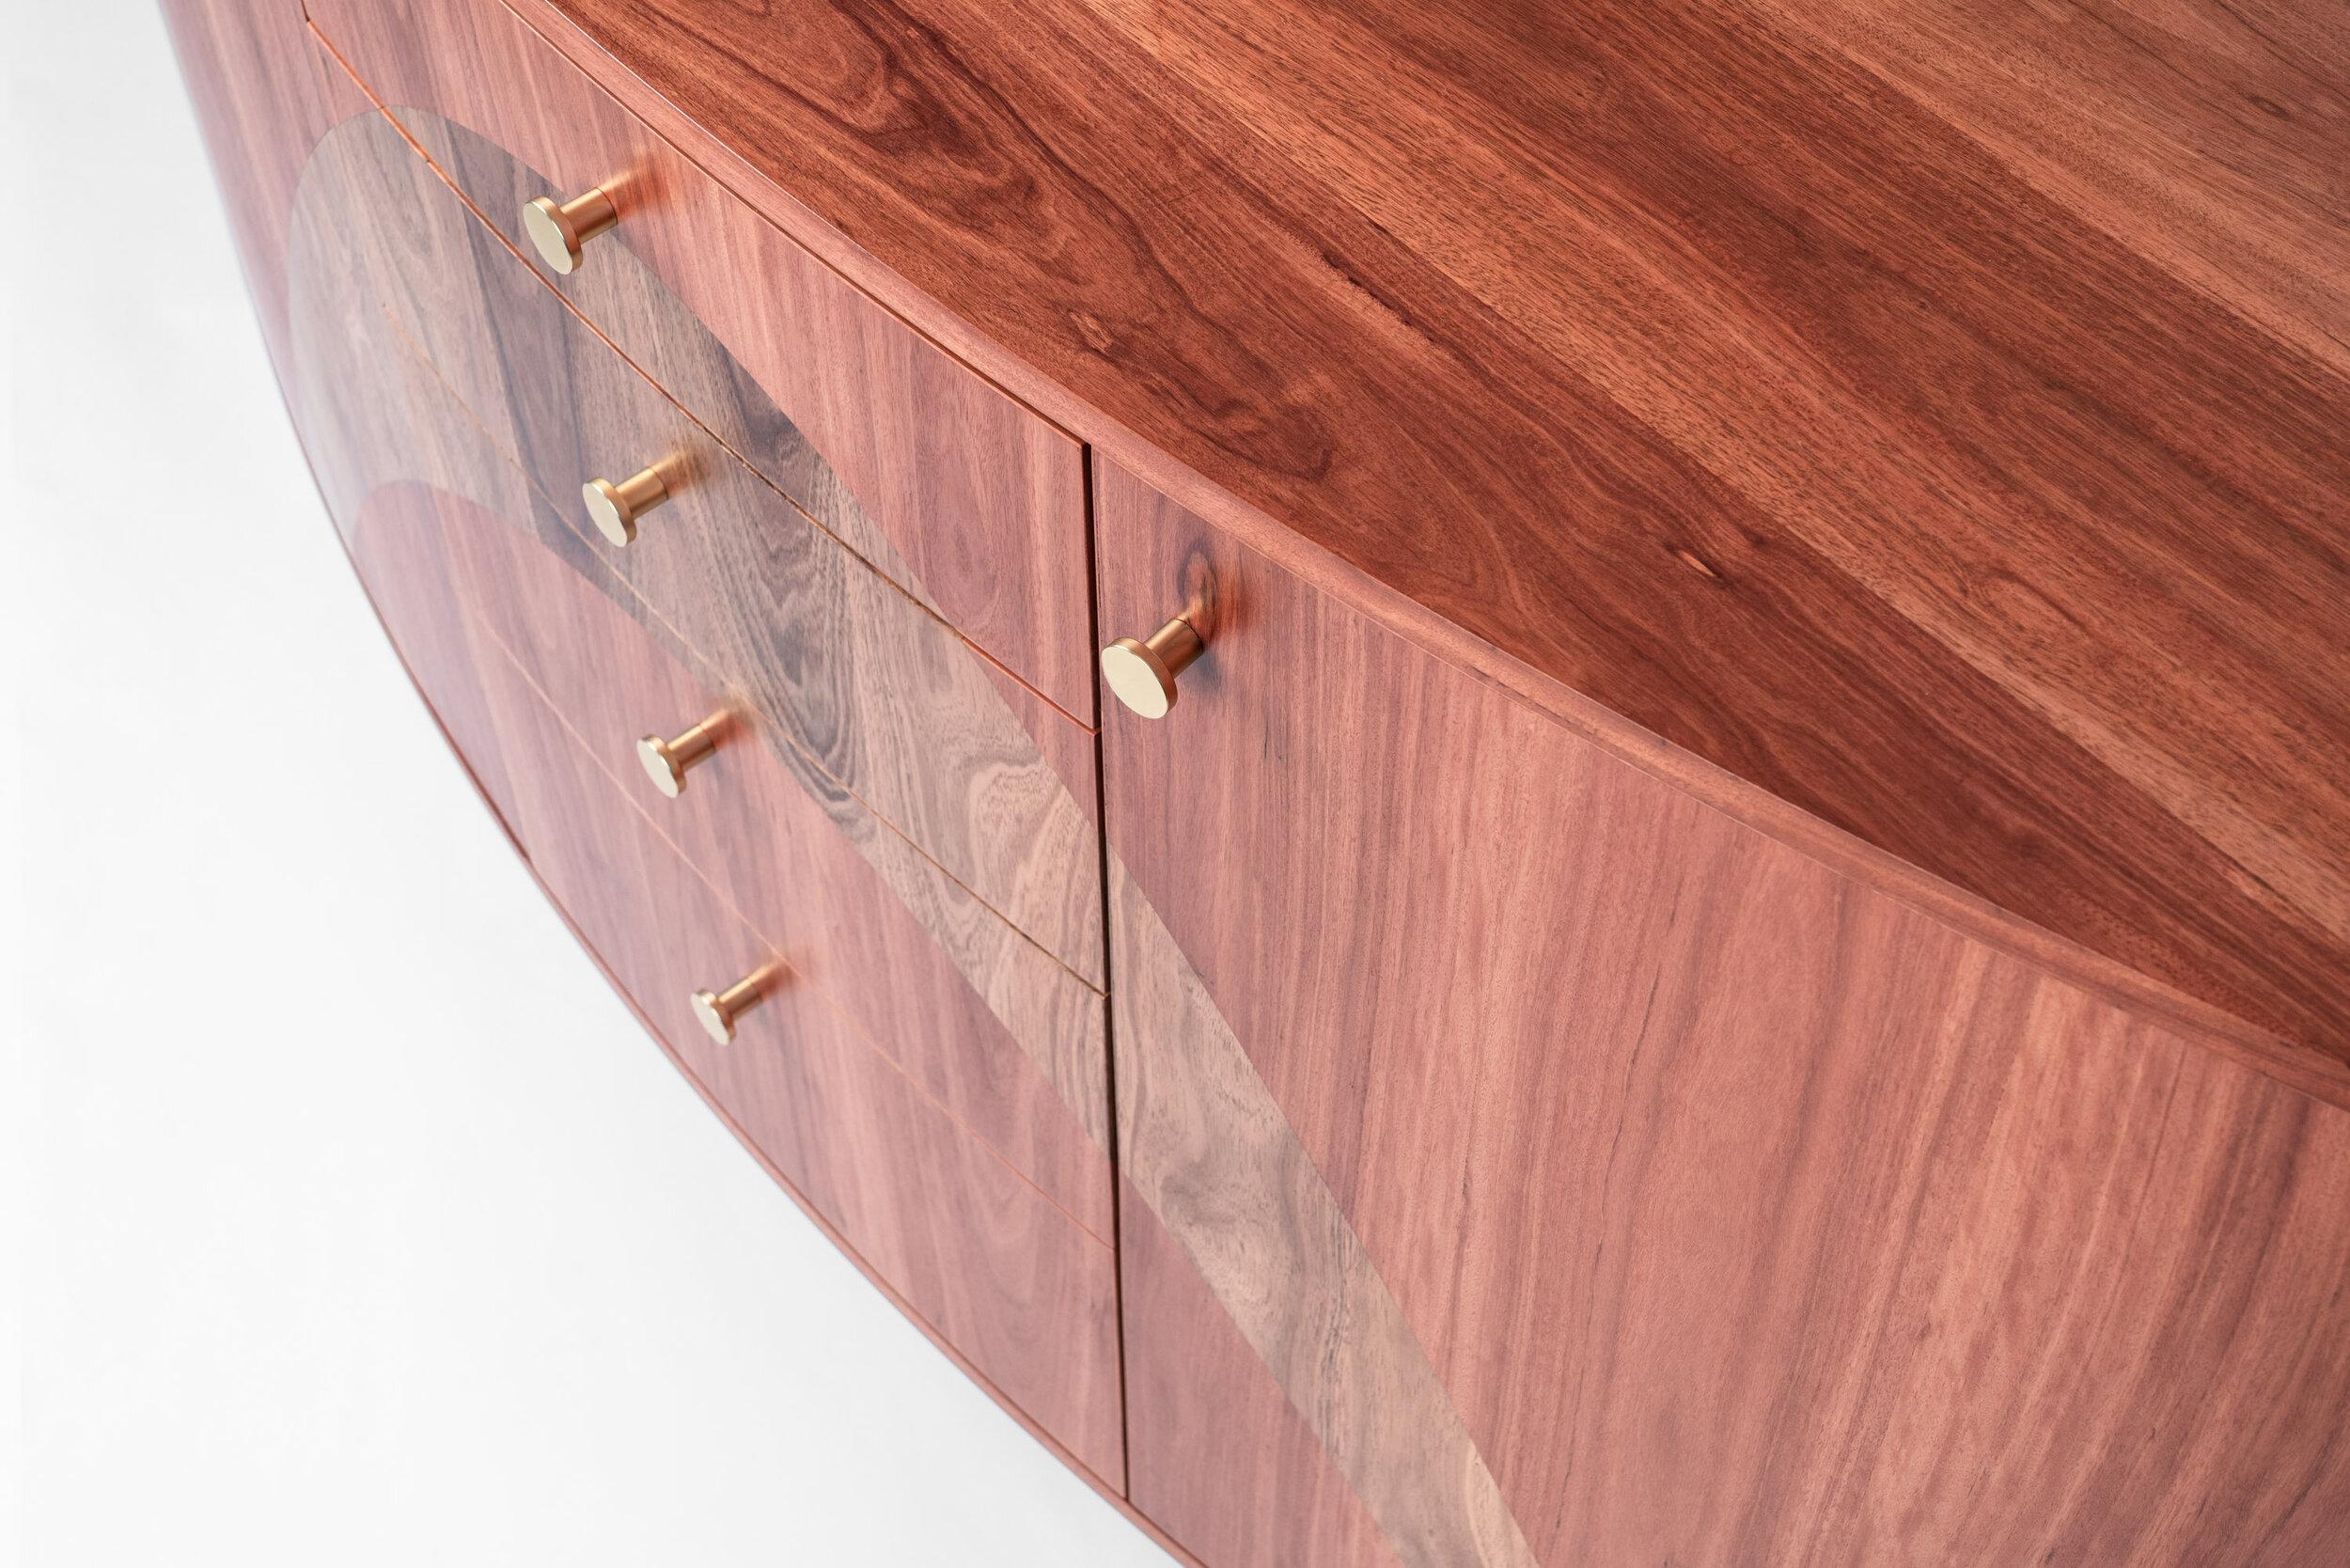 Curved sideboard6.jpg